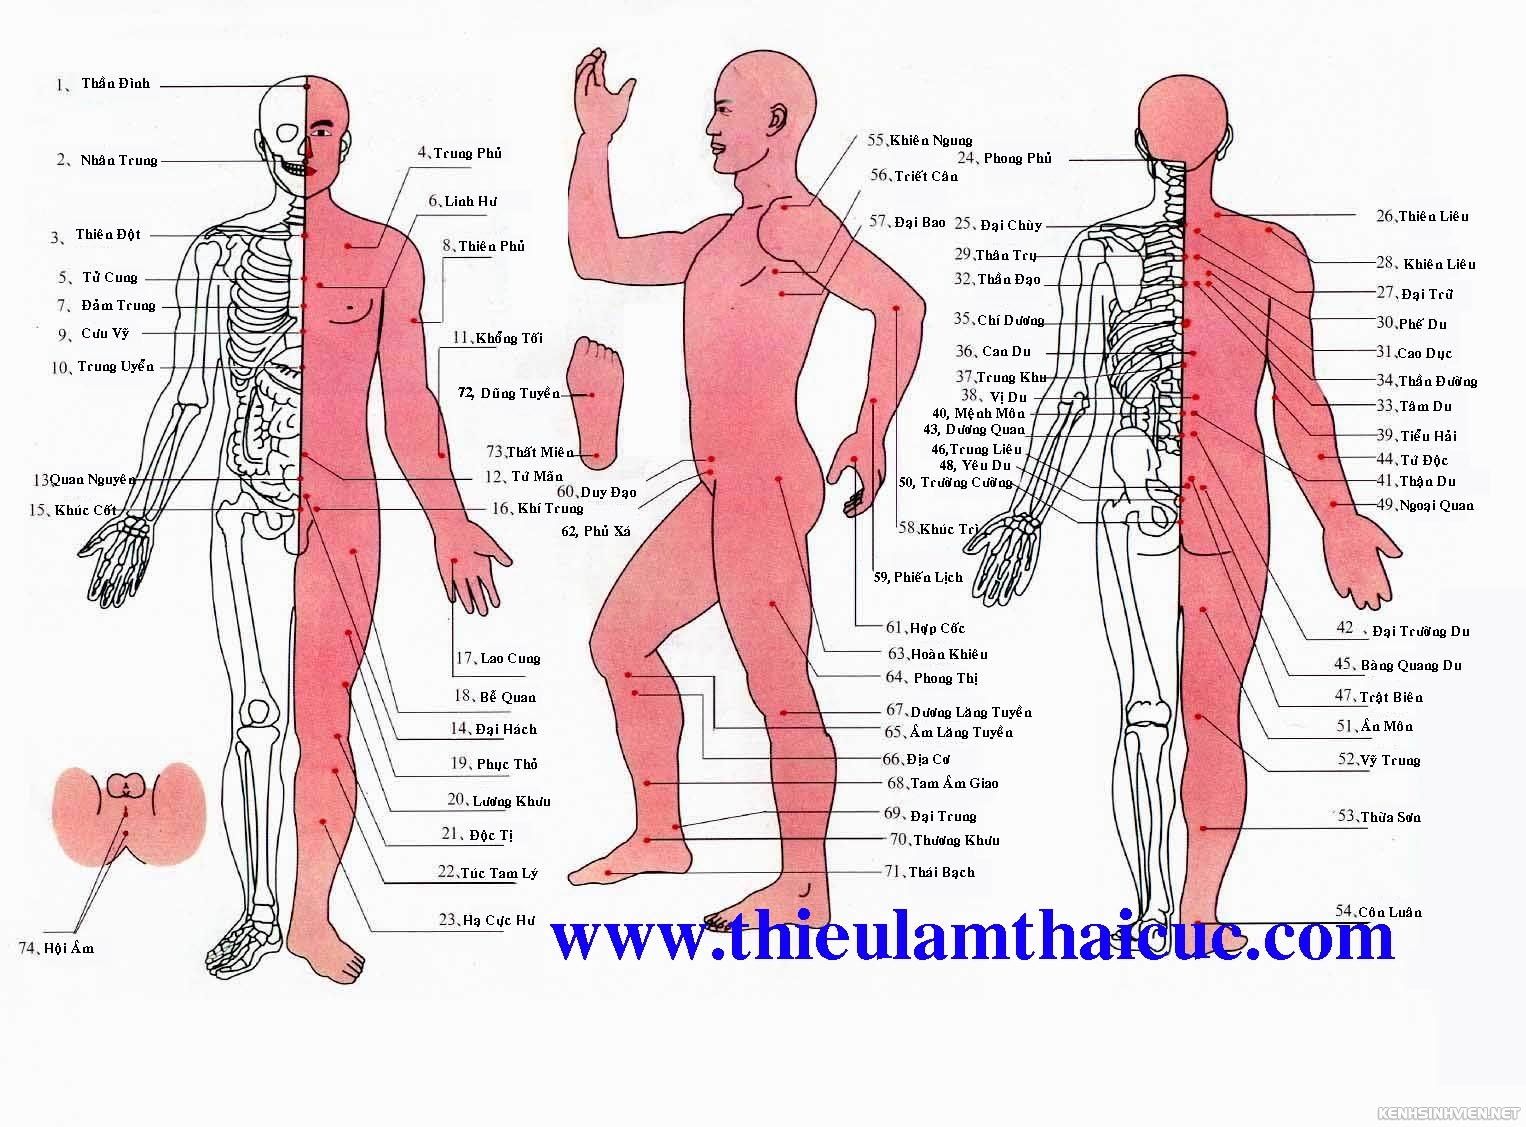 Sơ lược về các Huyệt đạo trên cơ thể người. Sodohuyetvi2luucopy